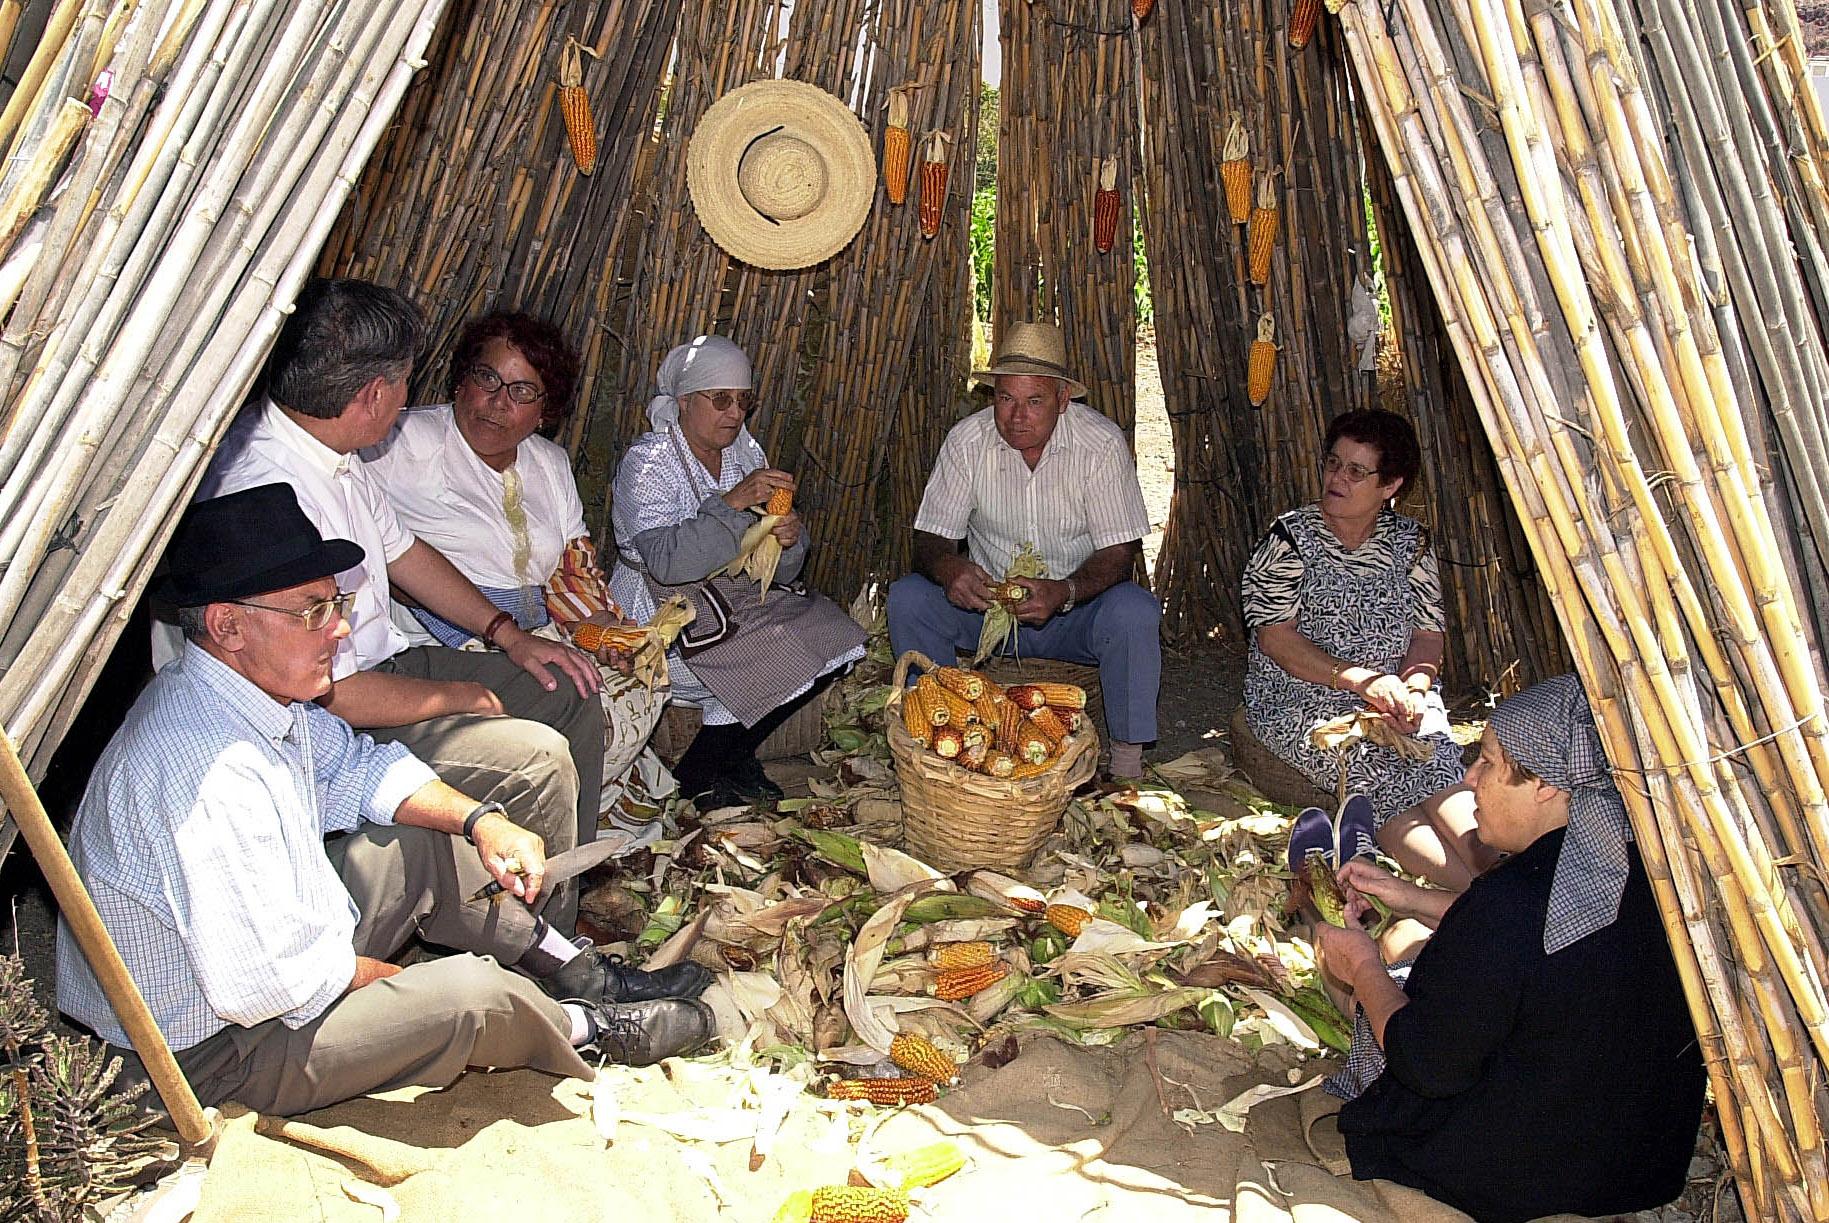 ARCADIO SUAREZC.14.06.02SAN NICOLAS DE TOLENTINO. VISITA DE LA FEDAC